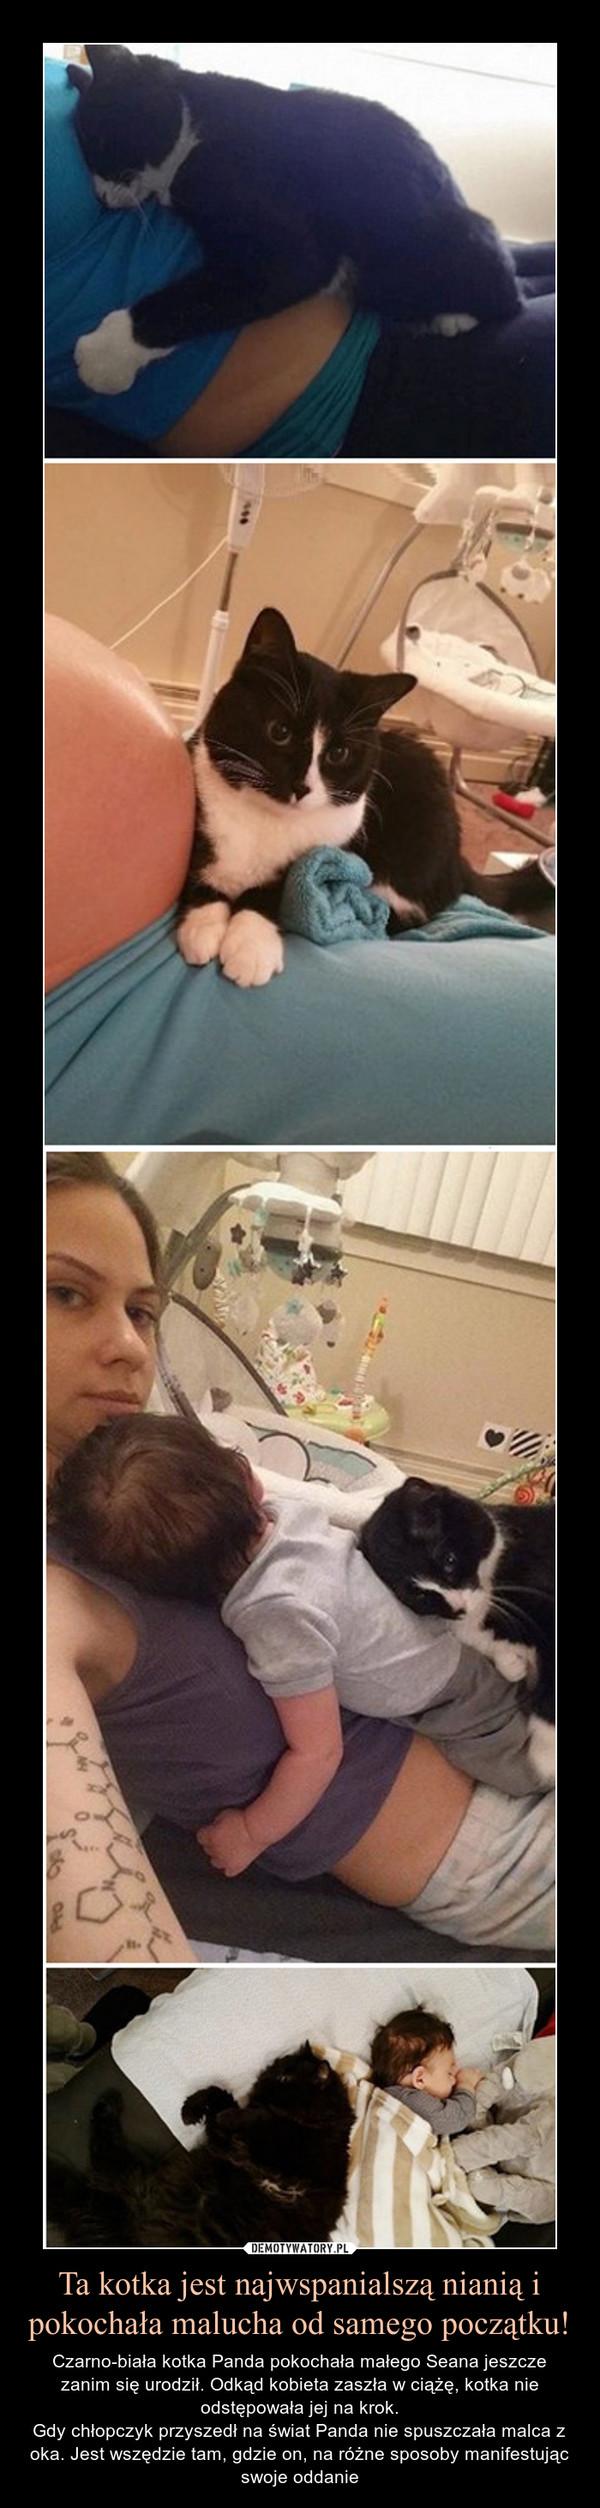 Ta kotka jest najwspanialszą nianią i pokochała malucha od samego początku! – Czarno-biała kotka Panda pokochała małego Seana jeszcze zanim się urodził. Odkąd kobieta zaszła w ciążę, kotka nie odstępowała jej na krok.Gdy chłopczyk przyszedł na świat Panda nie spuszczała malca z oka. Jest wszędzie tam, gdzie on, na różne sposoby manifestując swoje oddanie